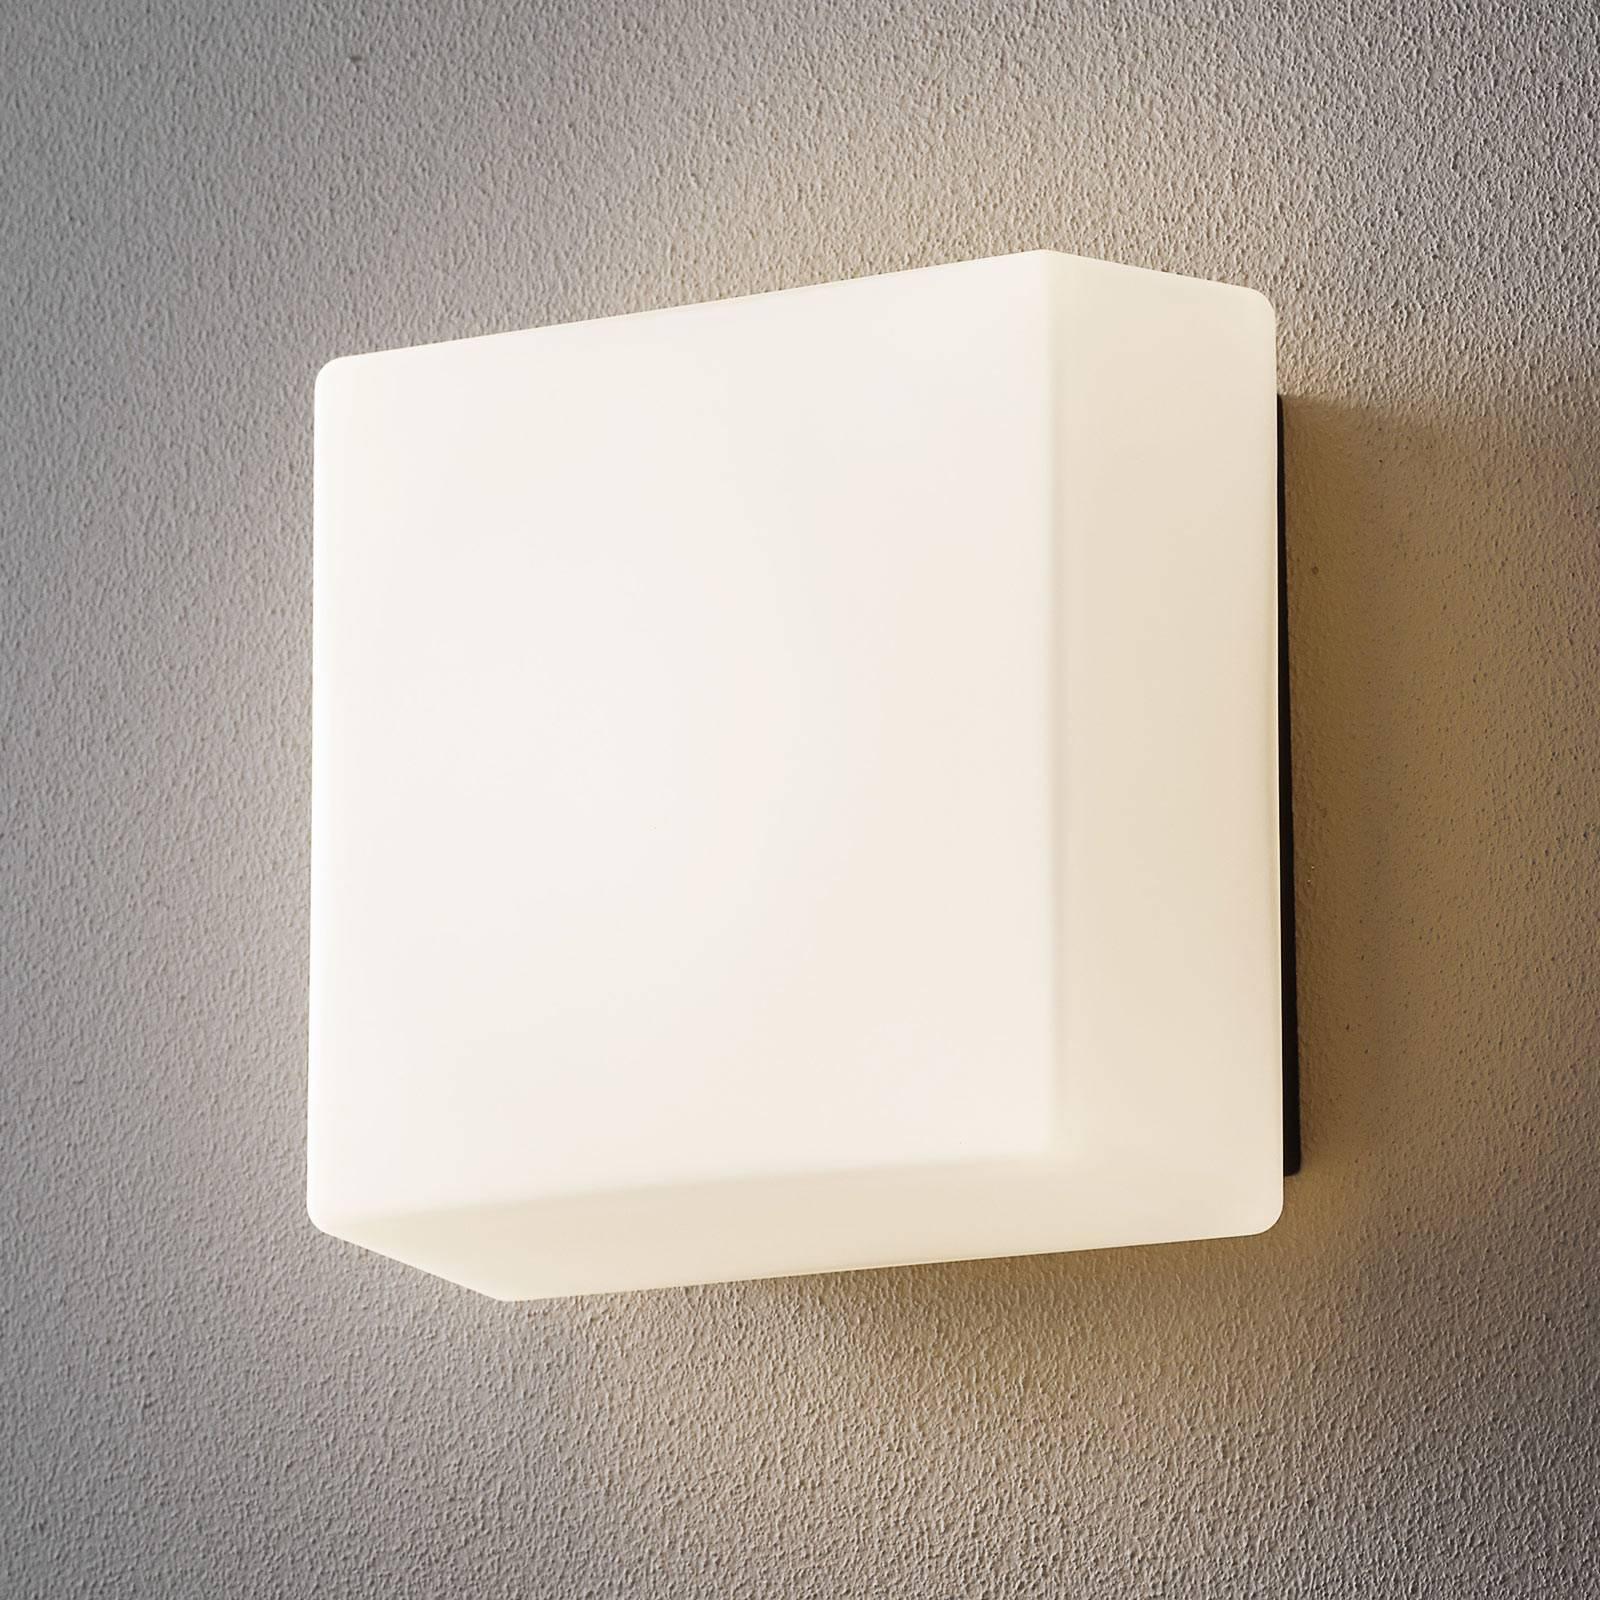 BEGA valoelementti 38300 LED-seinävalaisin 21x21cm